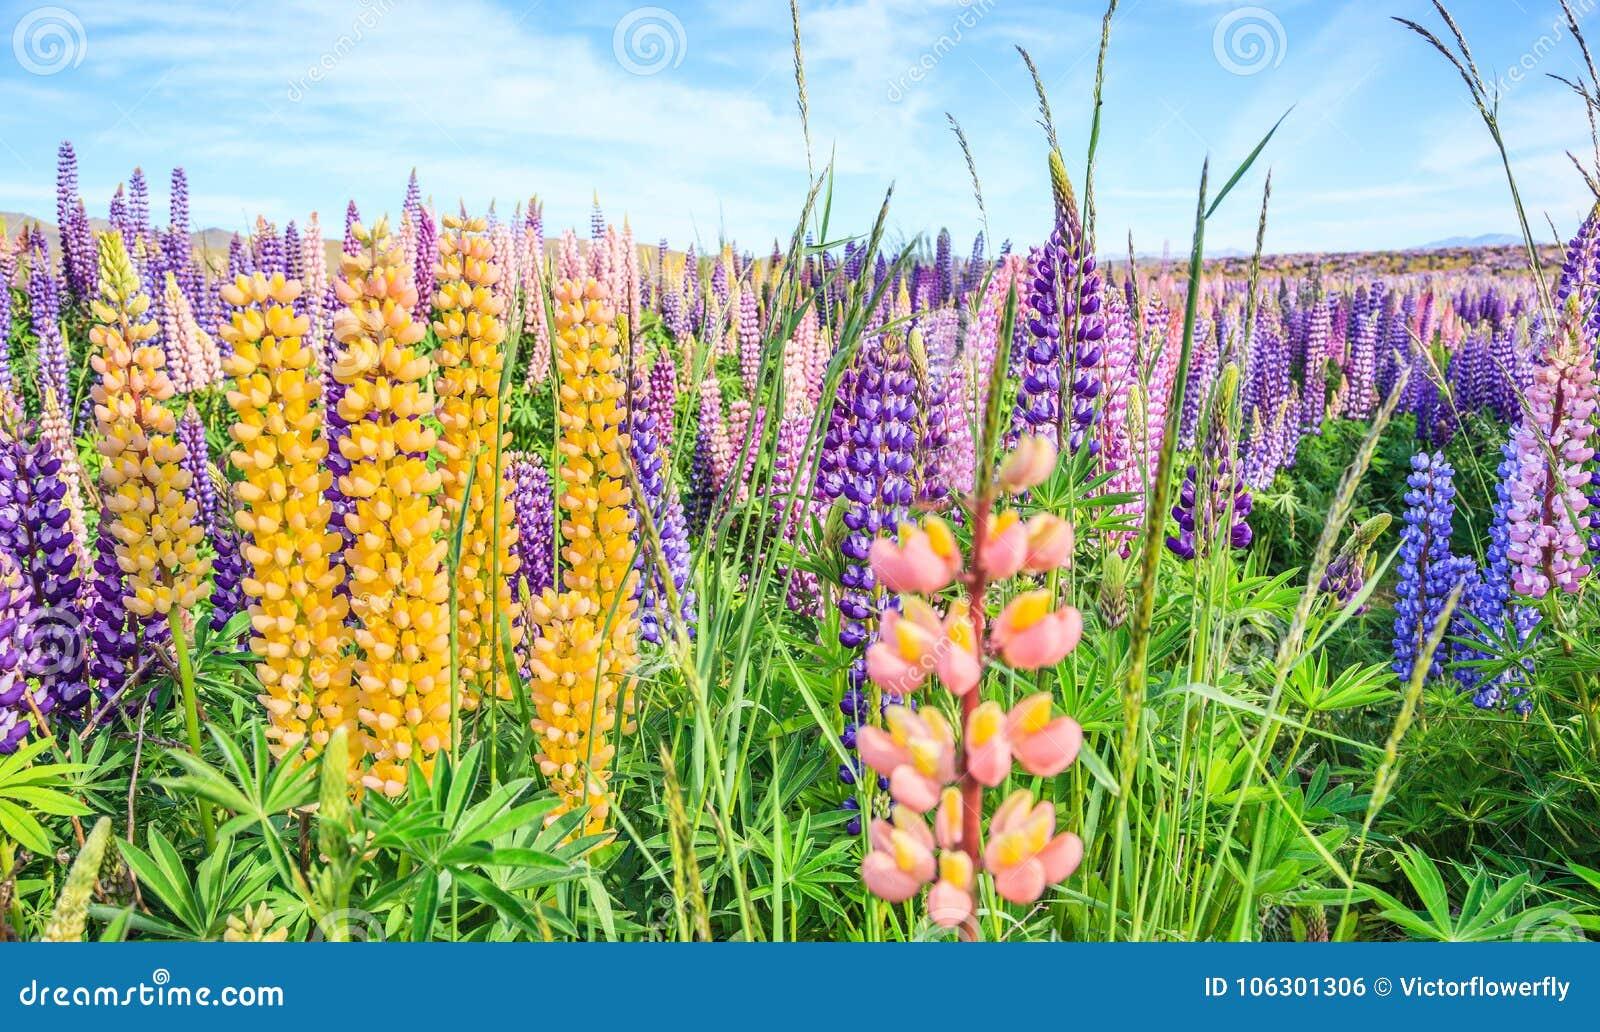 Vue De Gisement De Fleur De Lupin Pres De Paysage De Tekapo De Lac